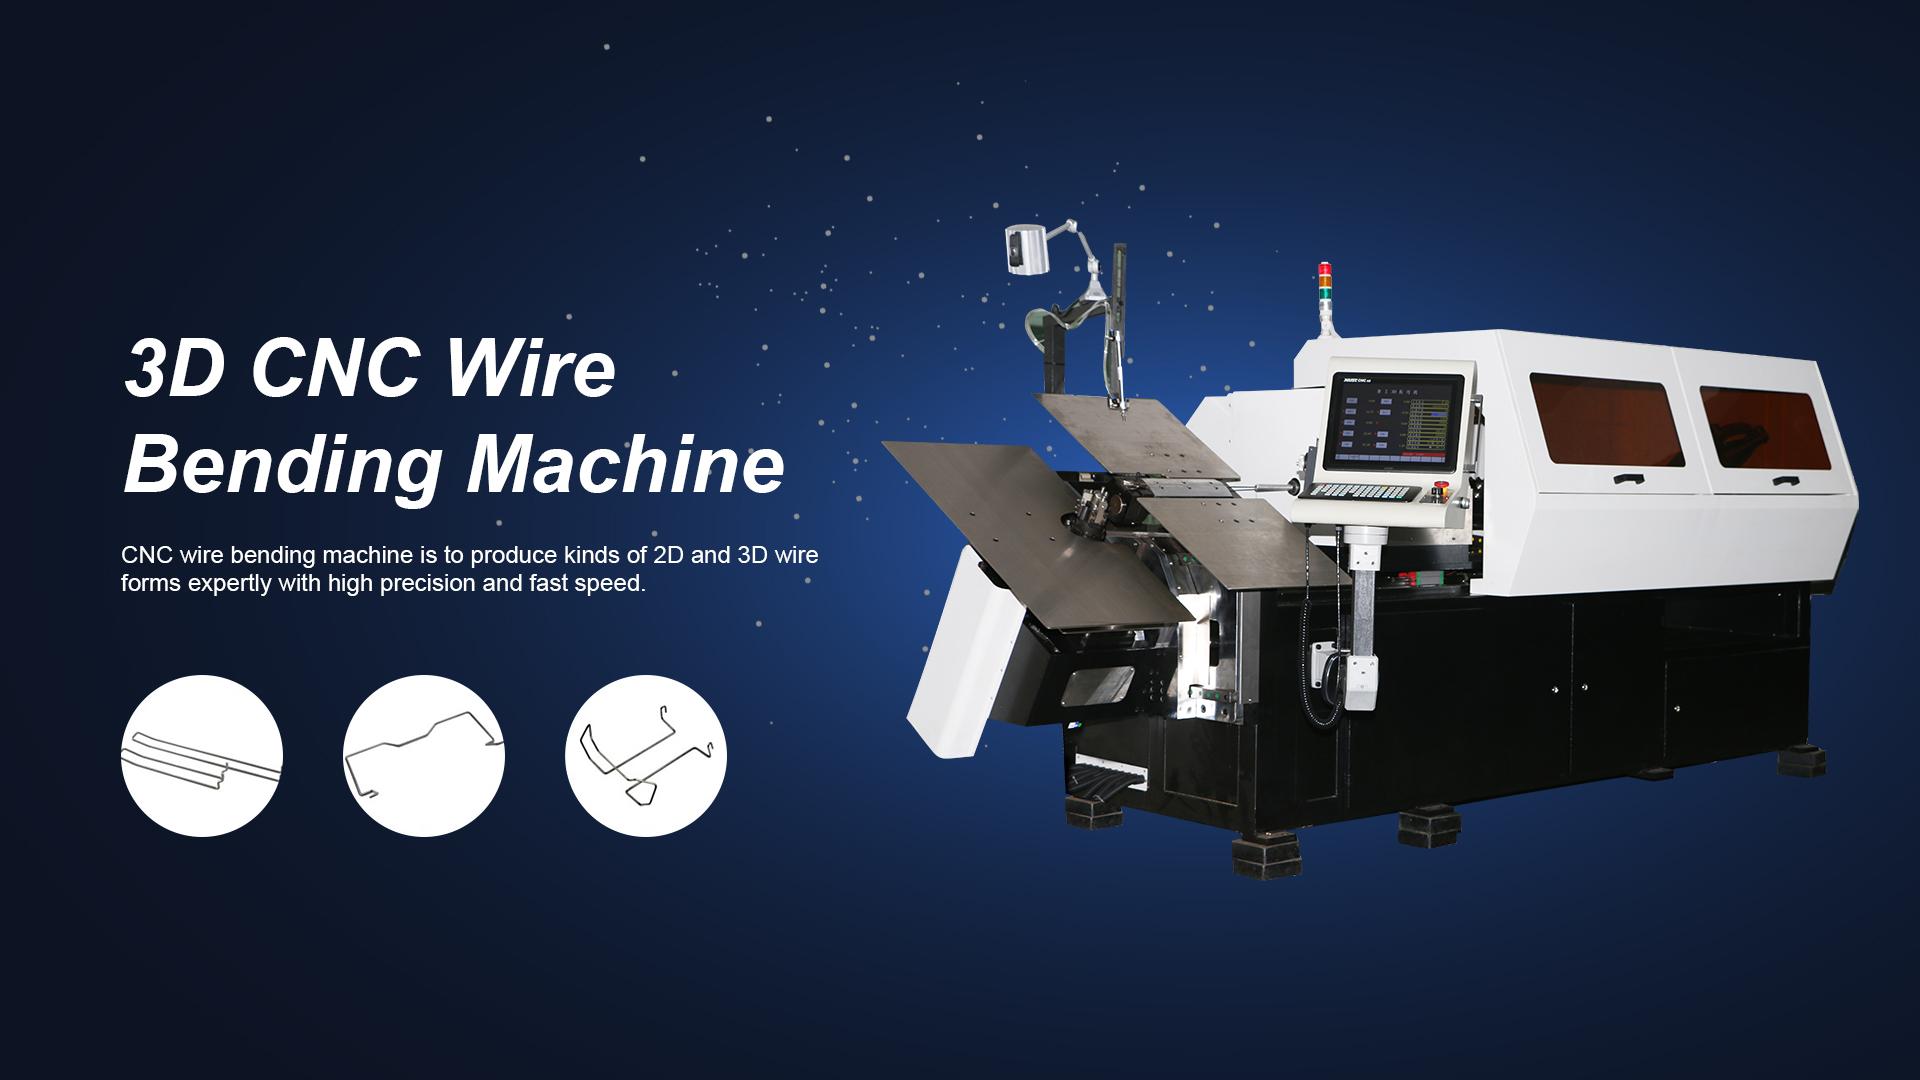 L'usine d'accessoires matériels de la voiture a acheté deux machines de cintrage 3D CNC